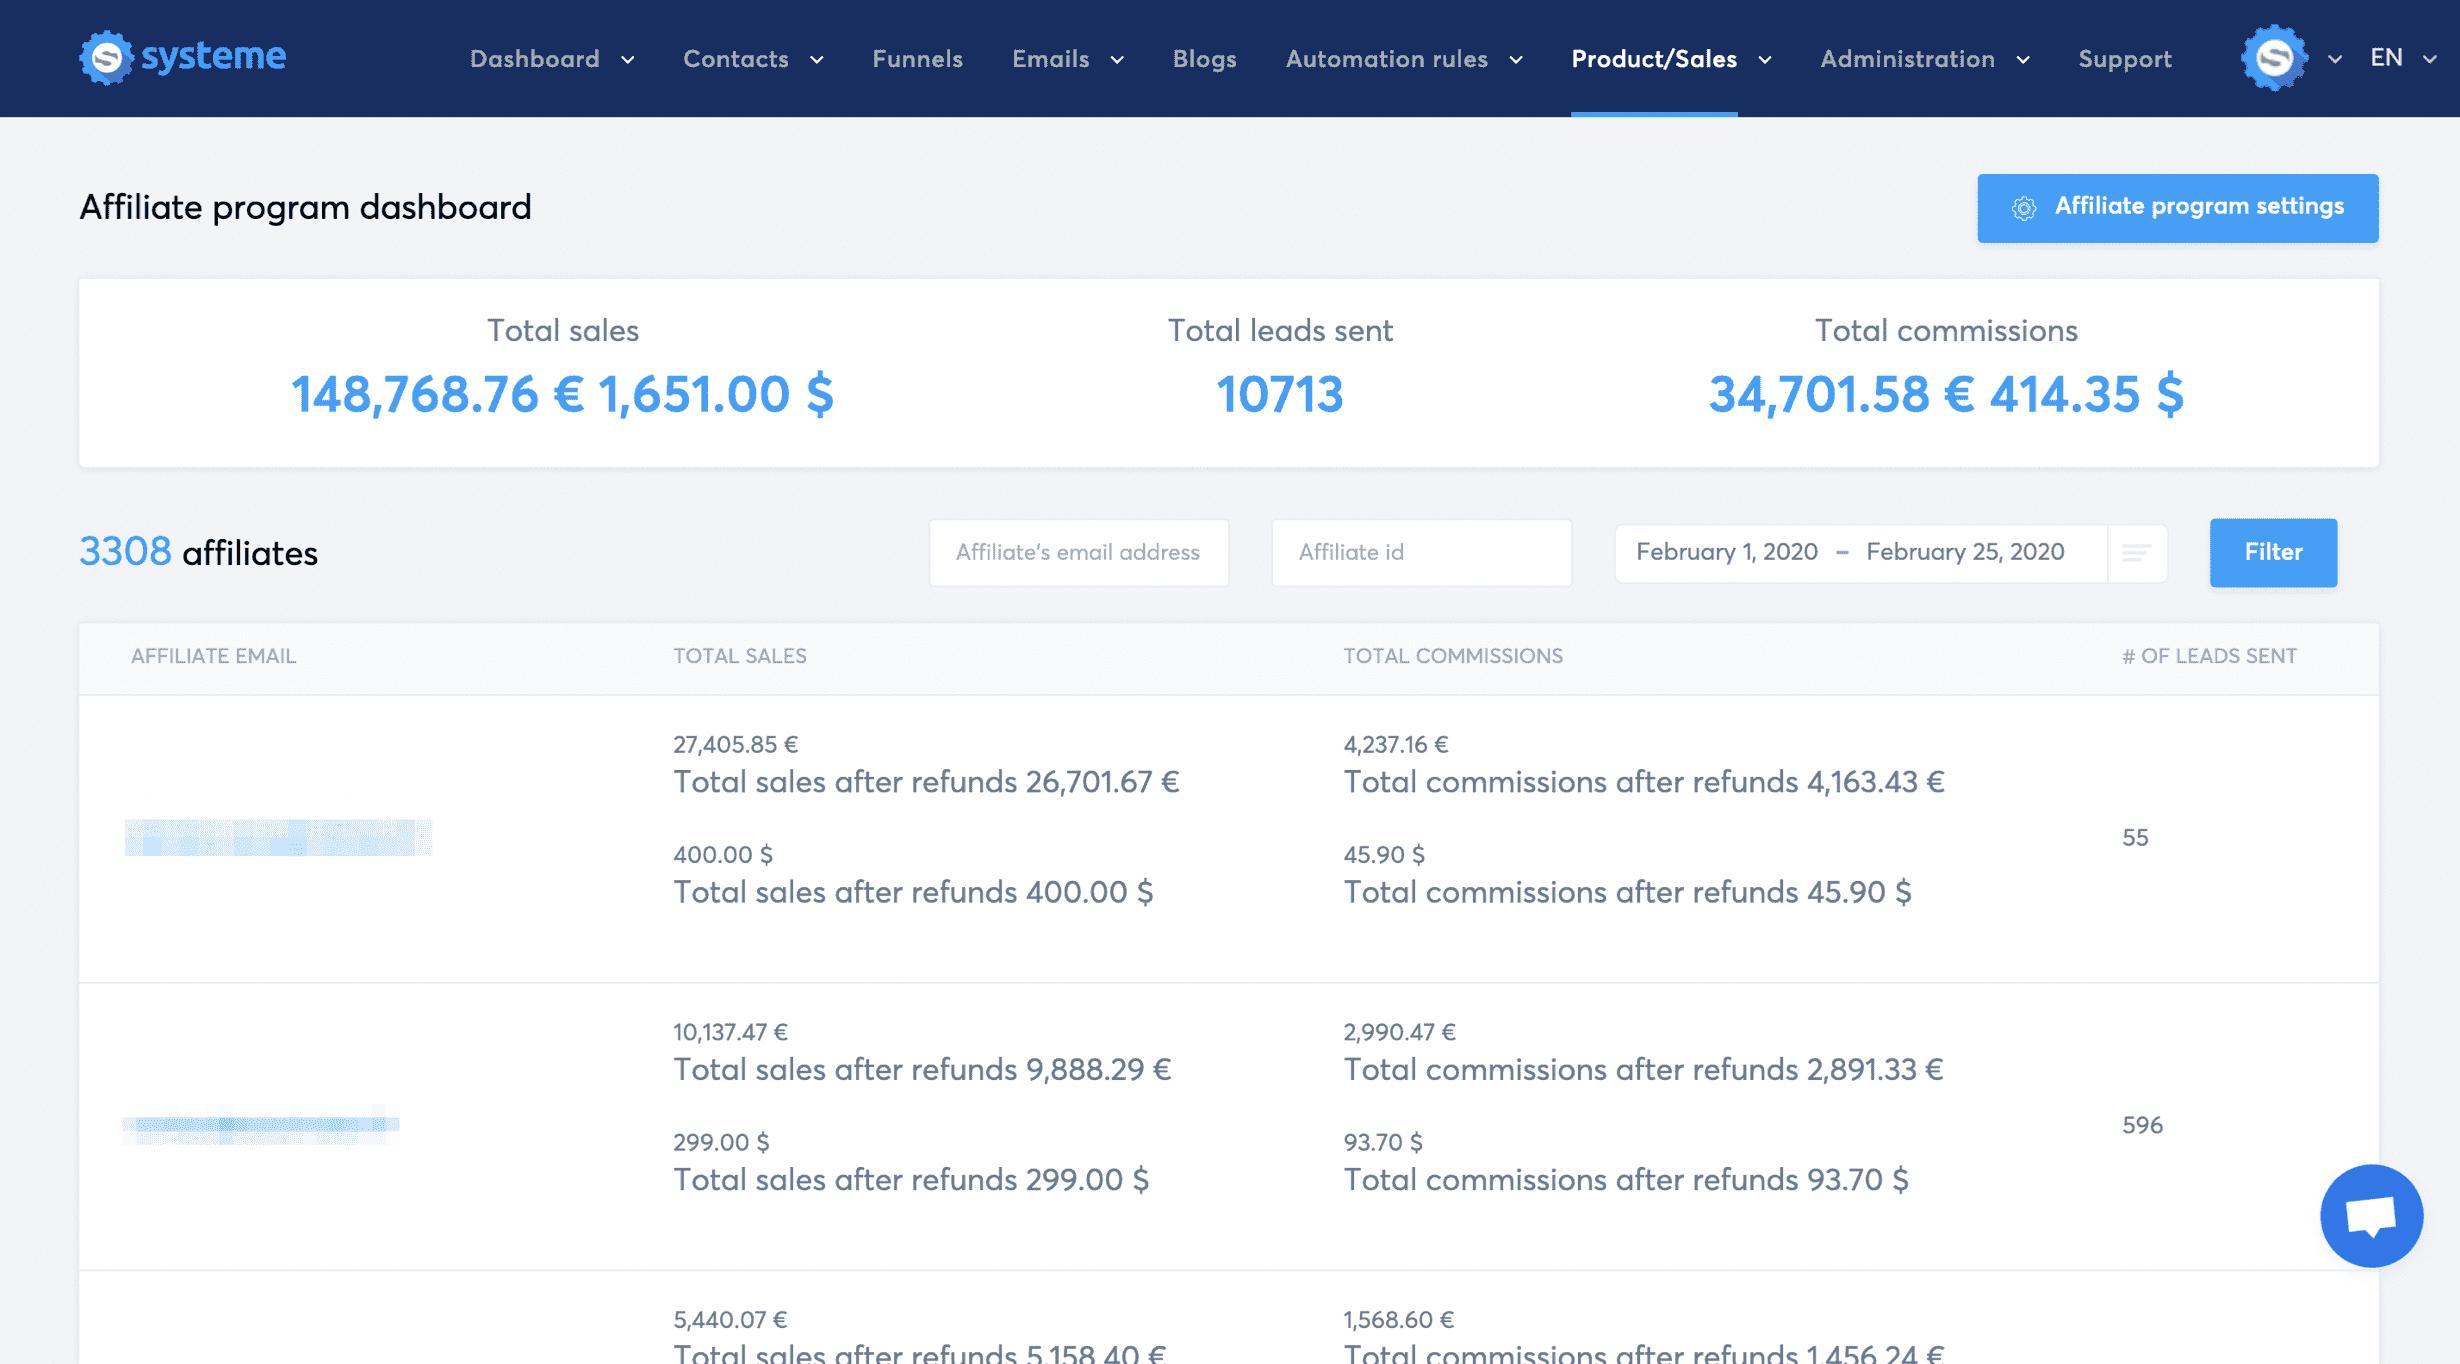 Dashboard do programa de afiliados do Systeme.io